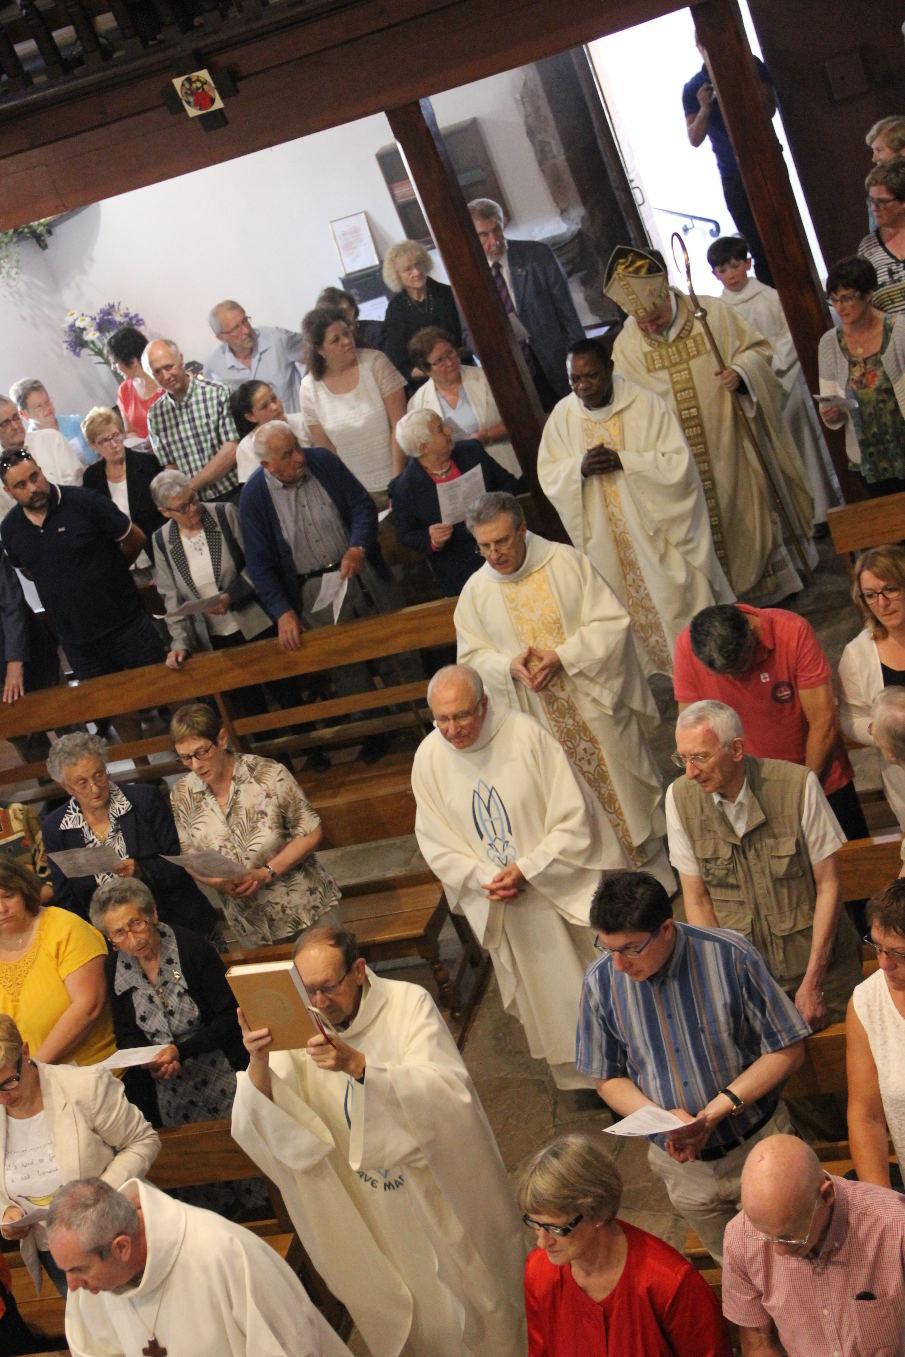 Les abbés Bernard, Marcel, Jean-Marc, Roger précédés de Péio, fidèle servant d'autel